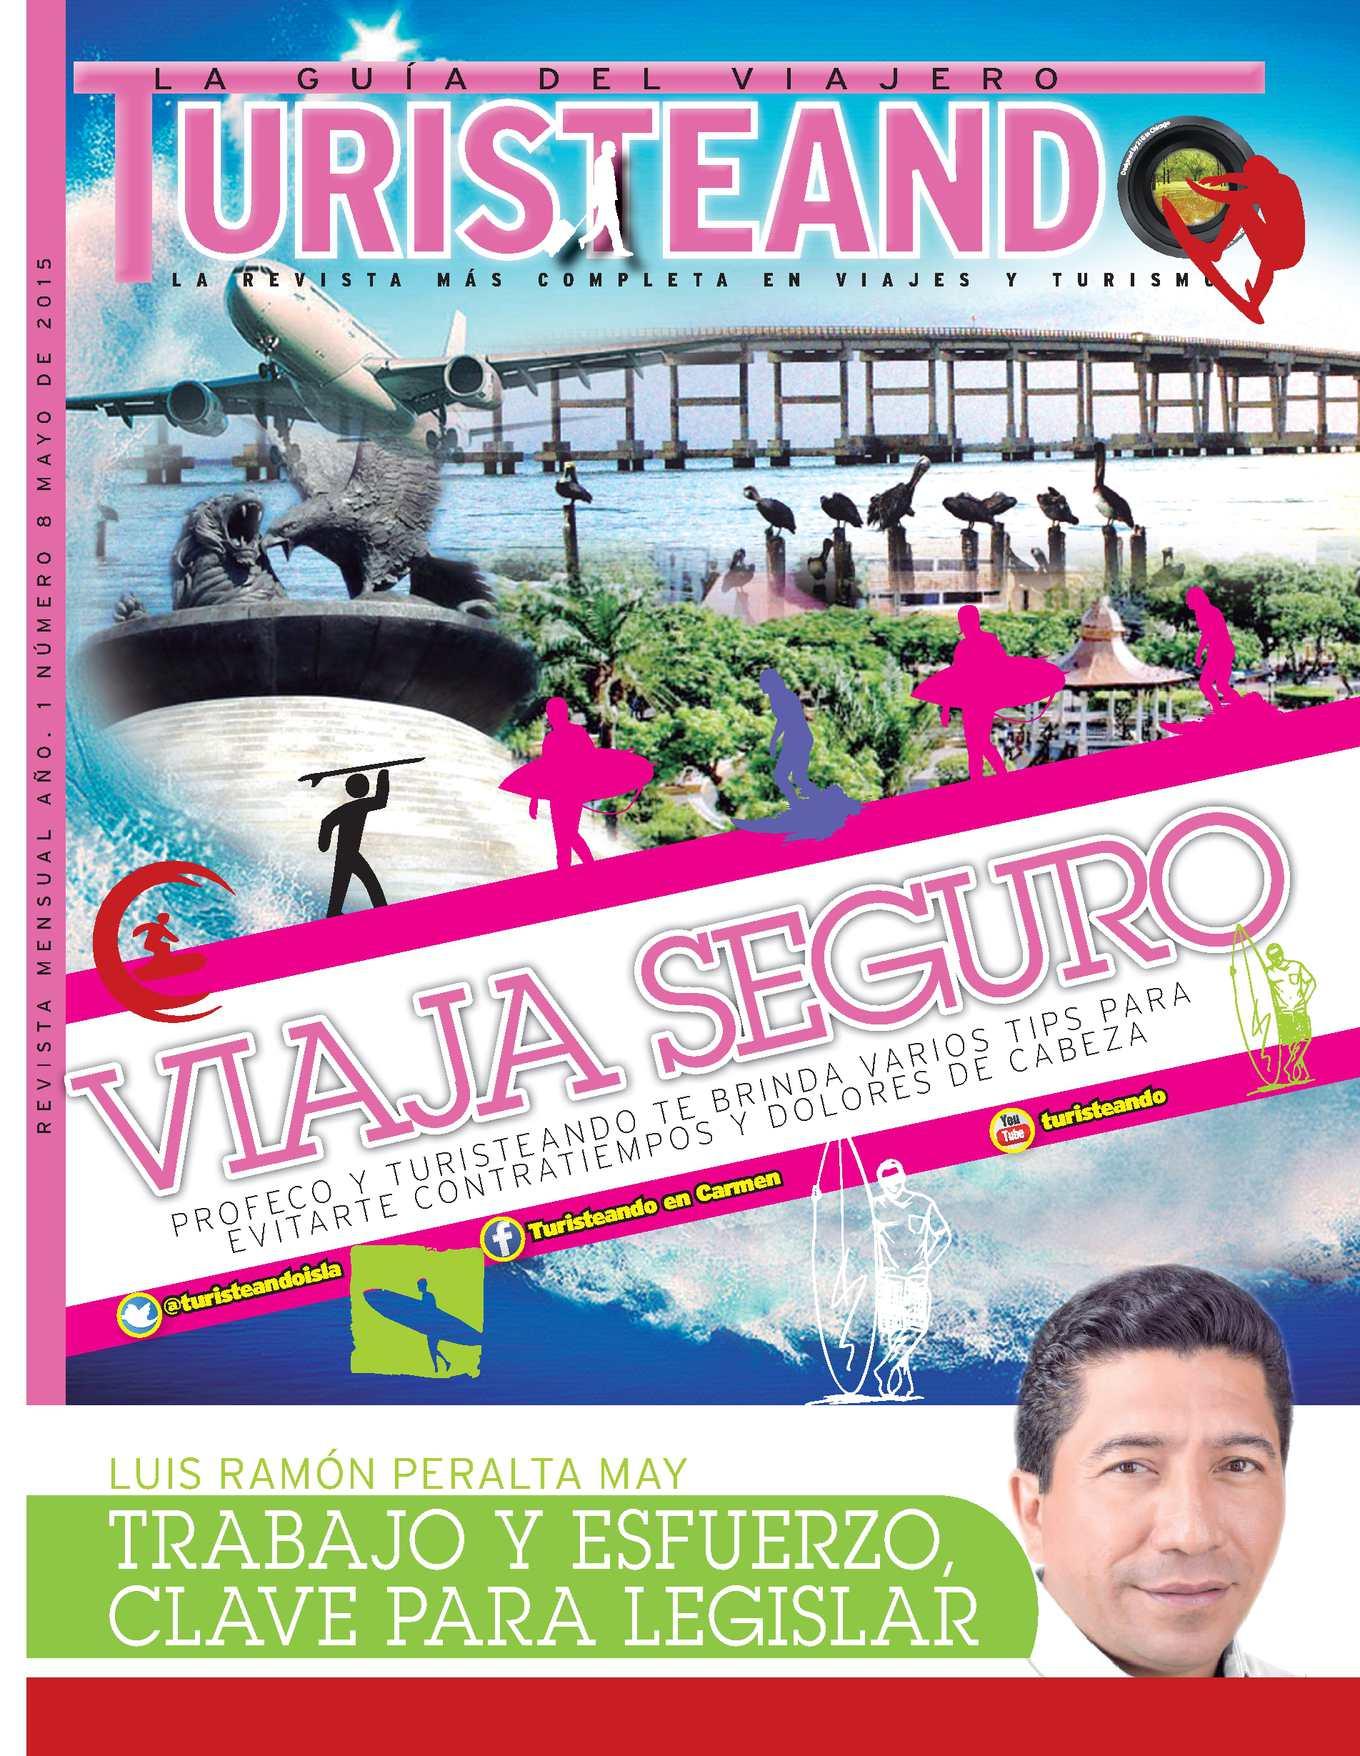 La edición numero 8 de la revista de lujo, Turisteando en Carmen